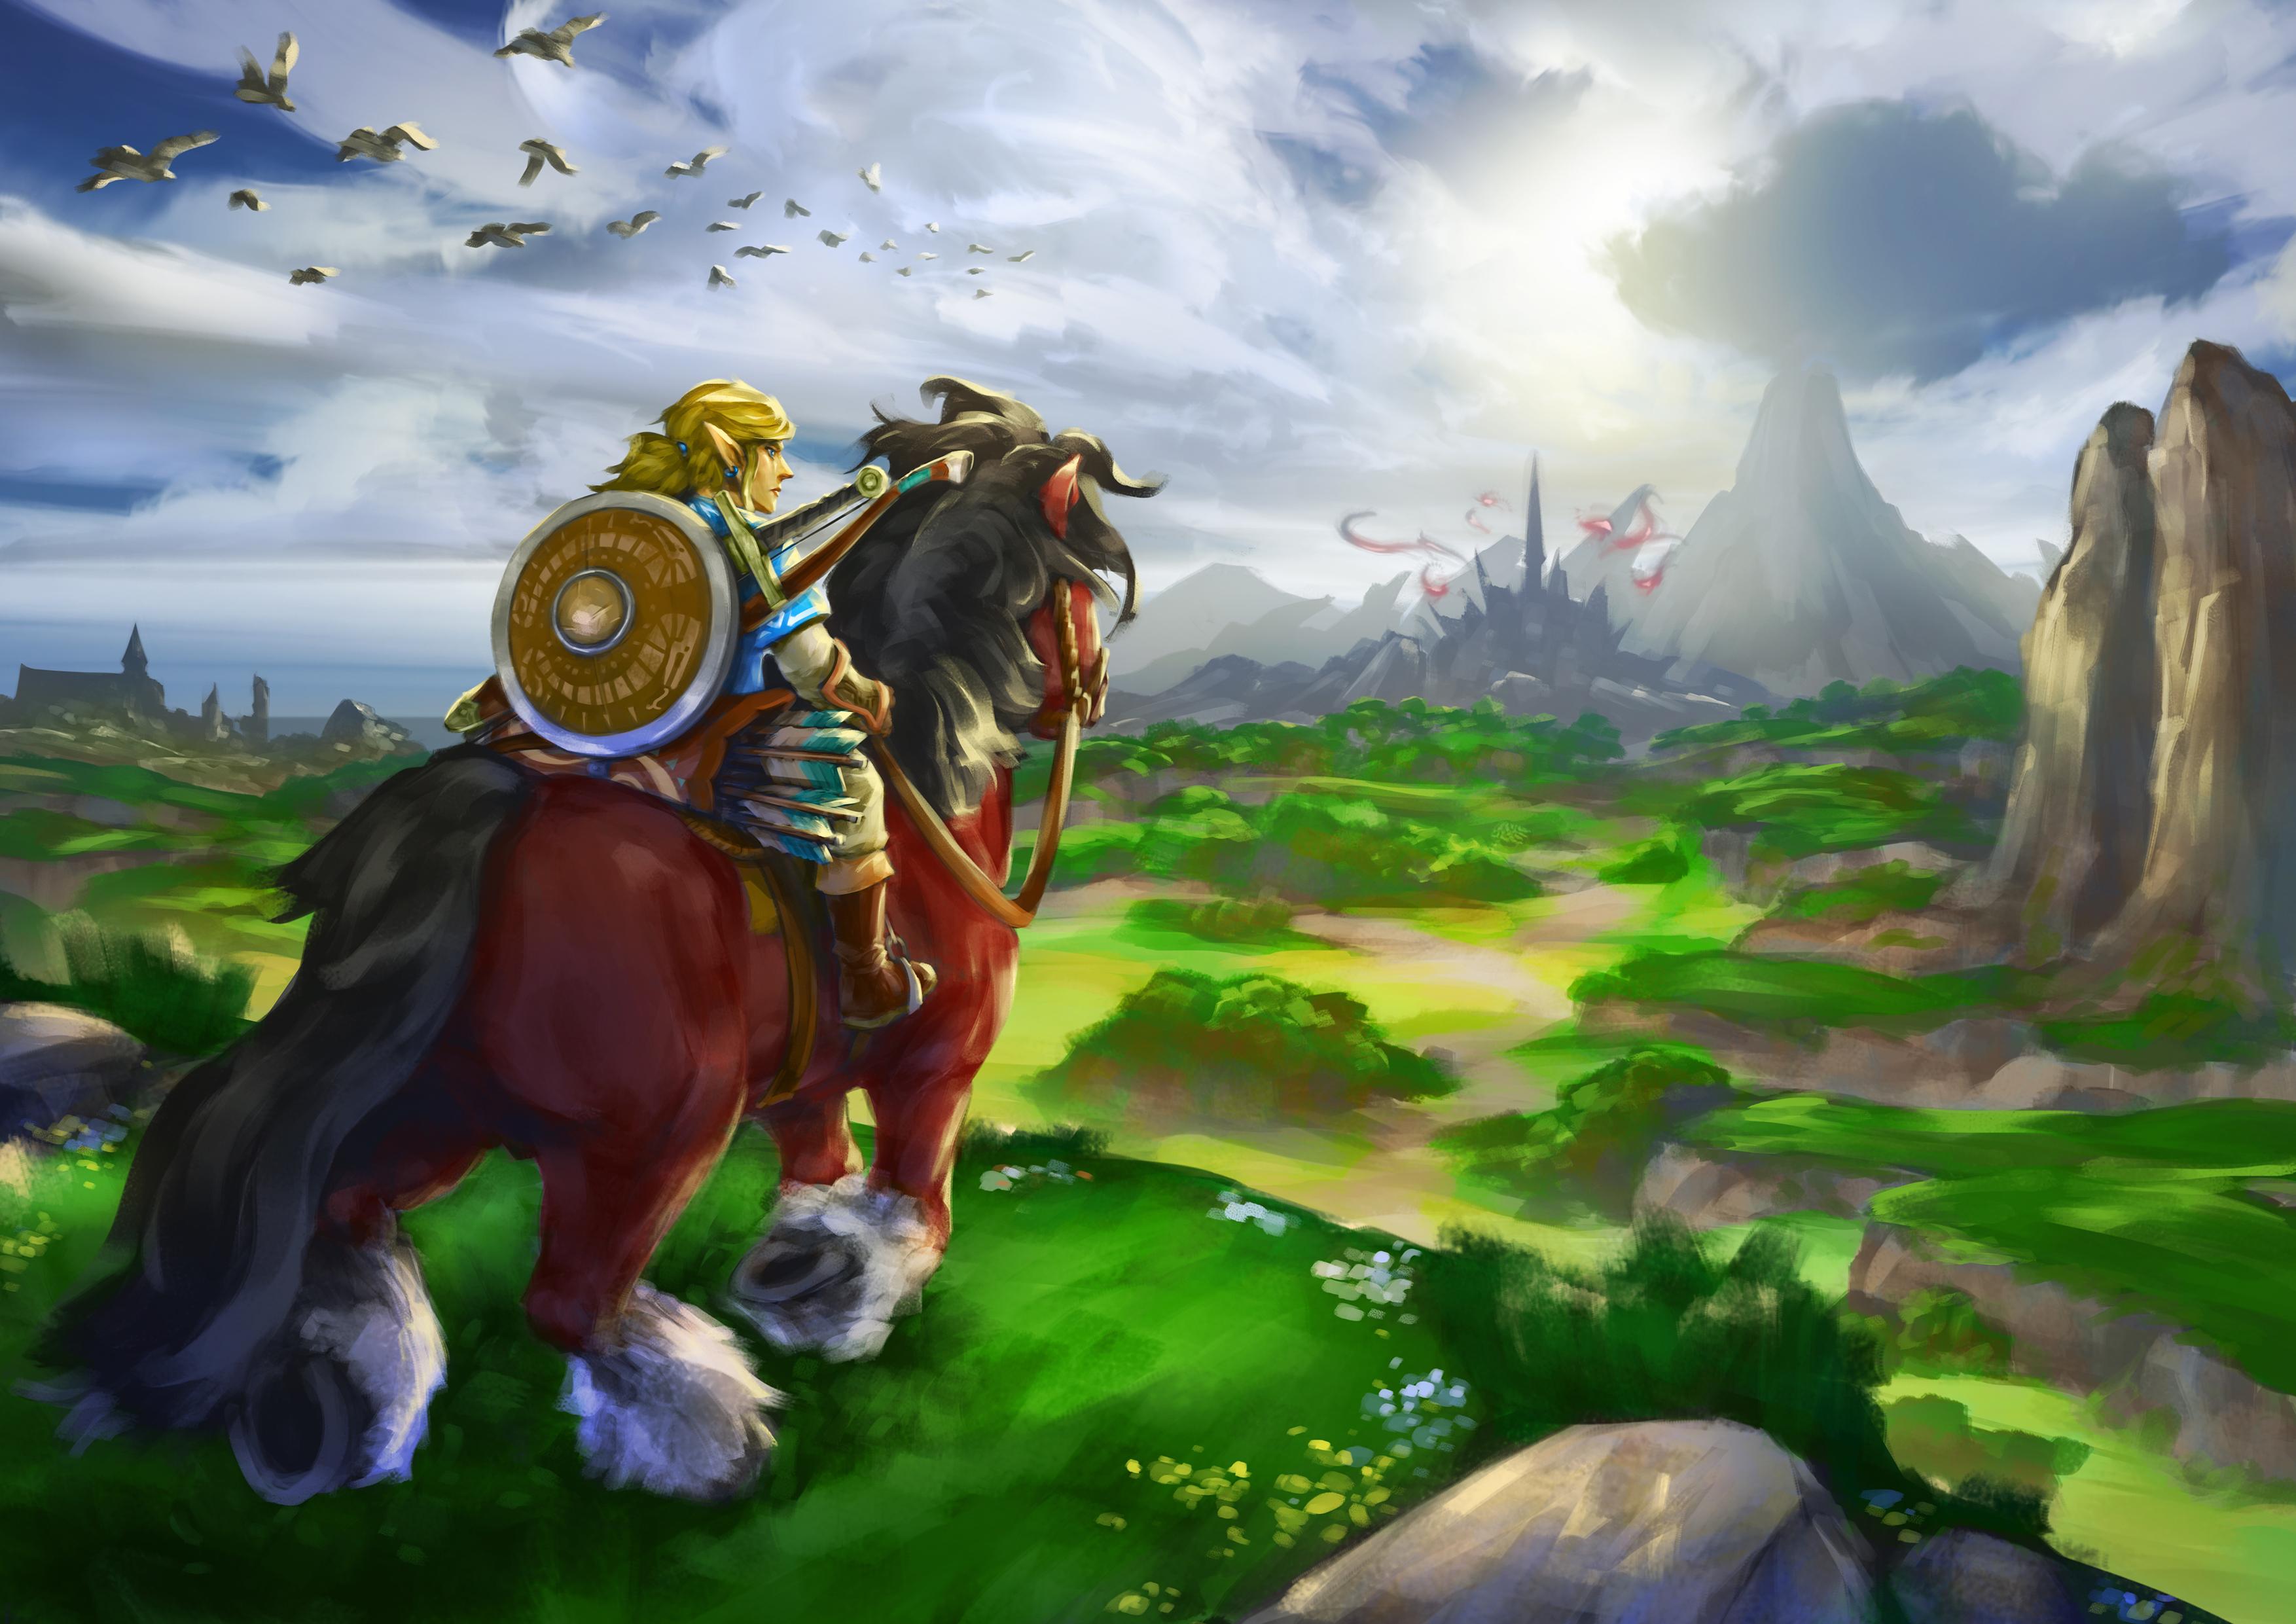 The Legend of Zelda: Breath of the Wild HD Wallpaper ...